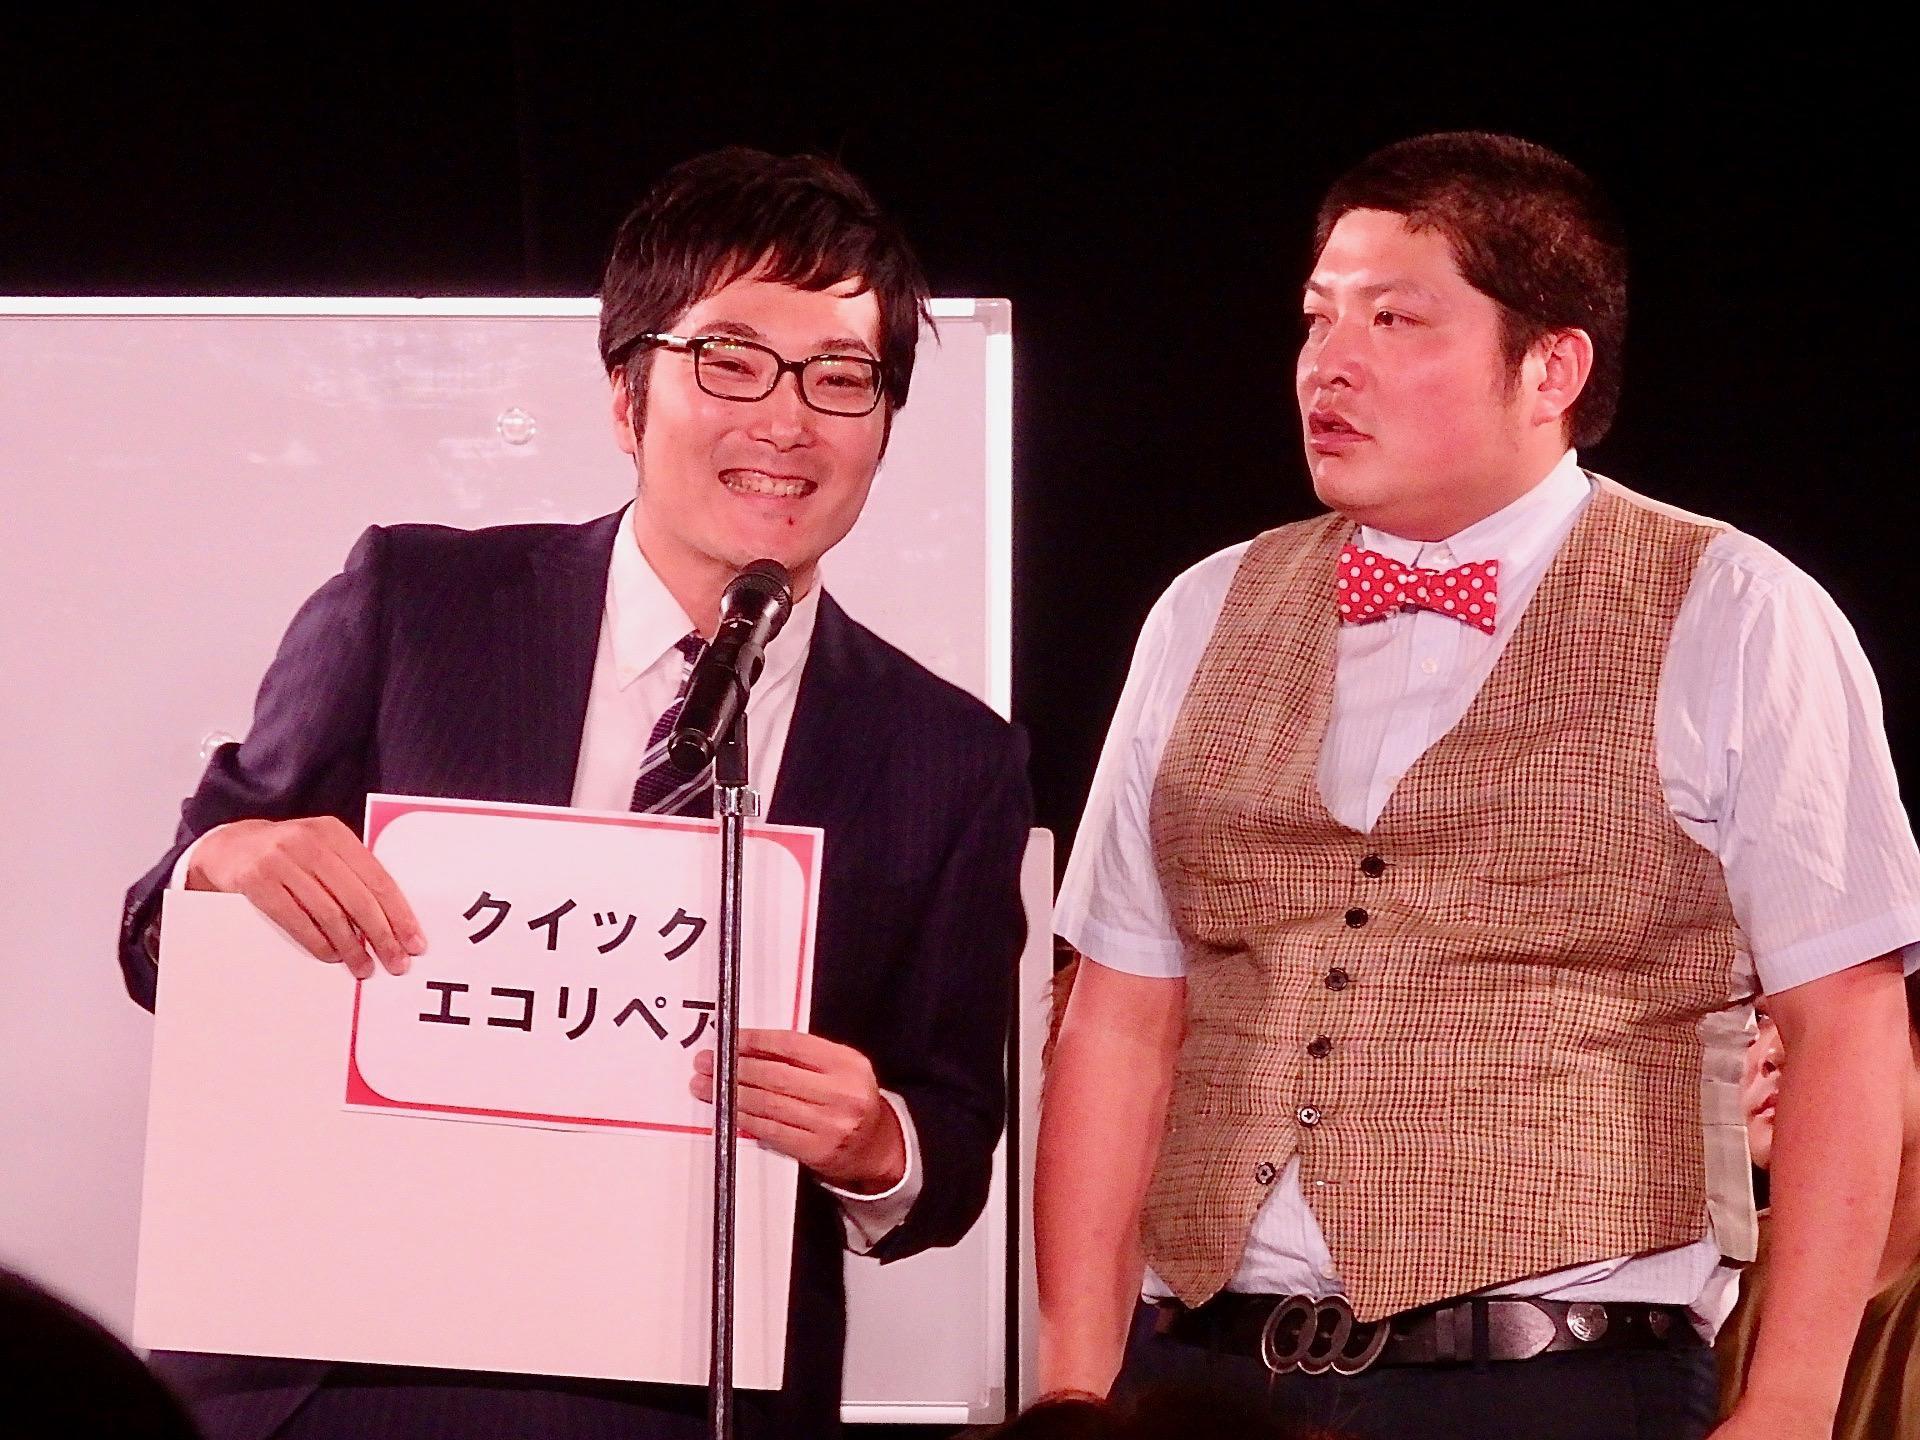 http://news.yoshimoto.co.jp/20171016143101-88fd9d80e629d6b3953bcd1c239580856cce274d.jpg